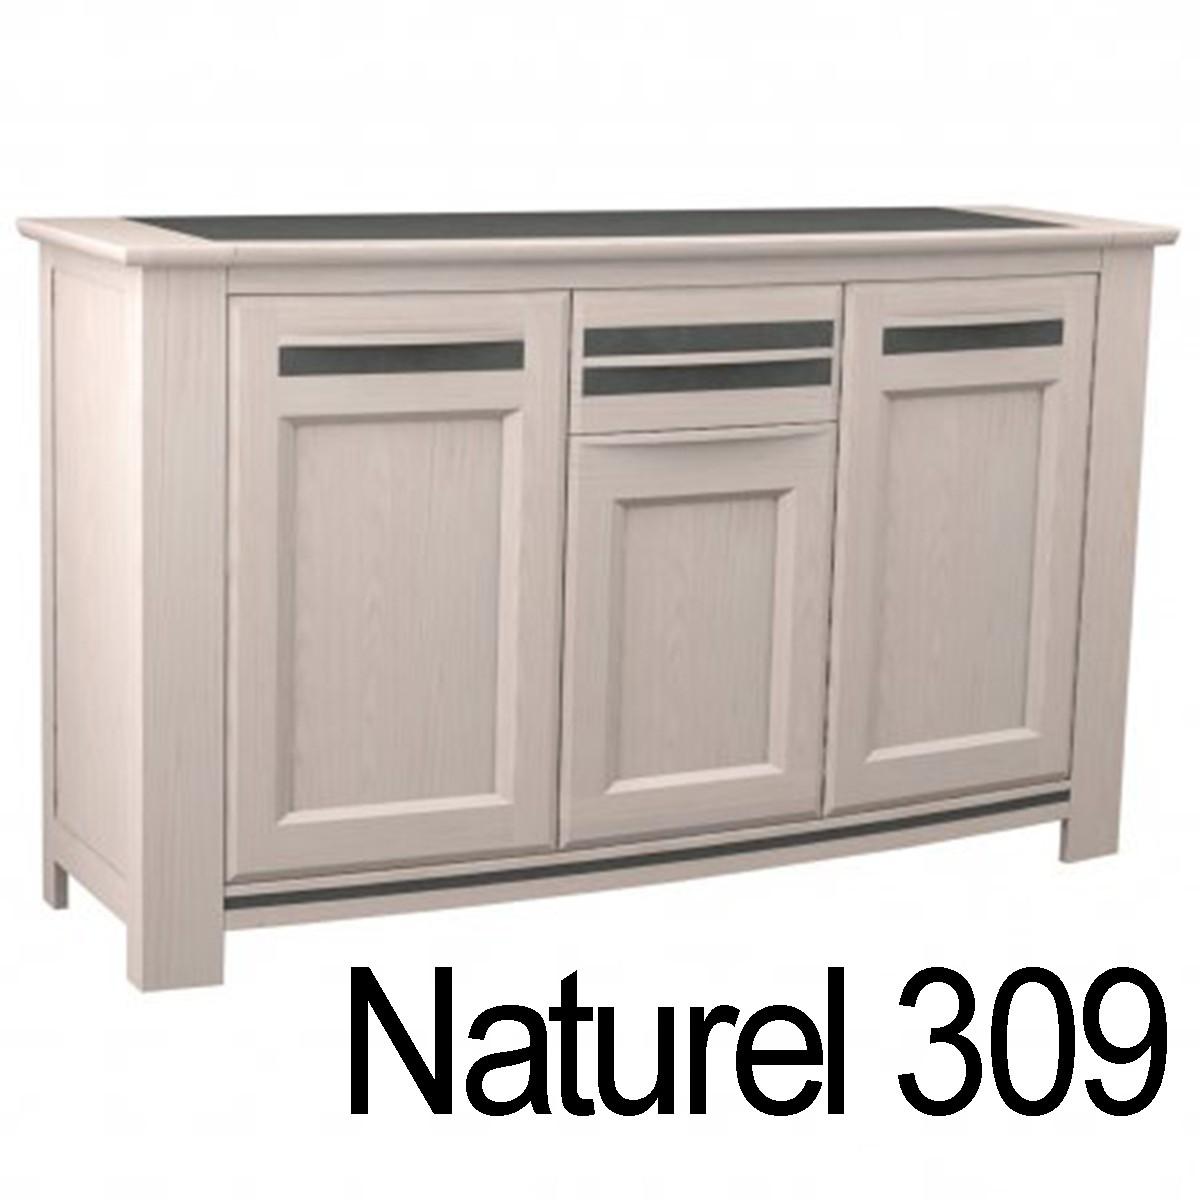 T309 Naturel